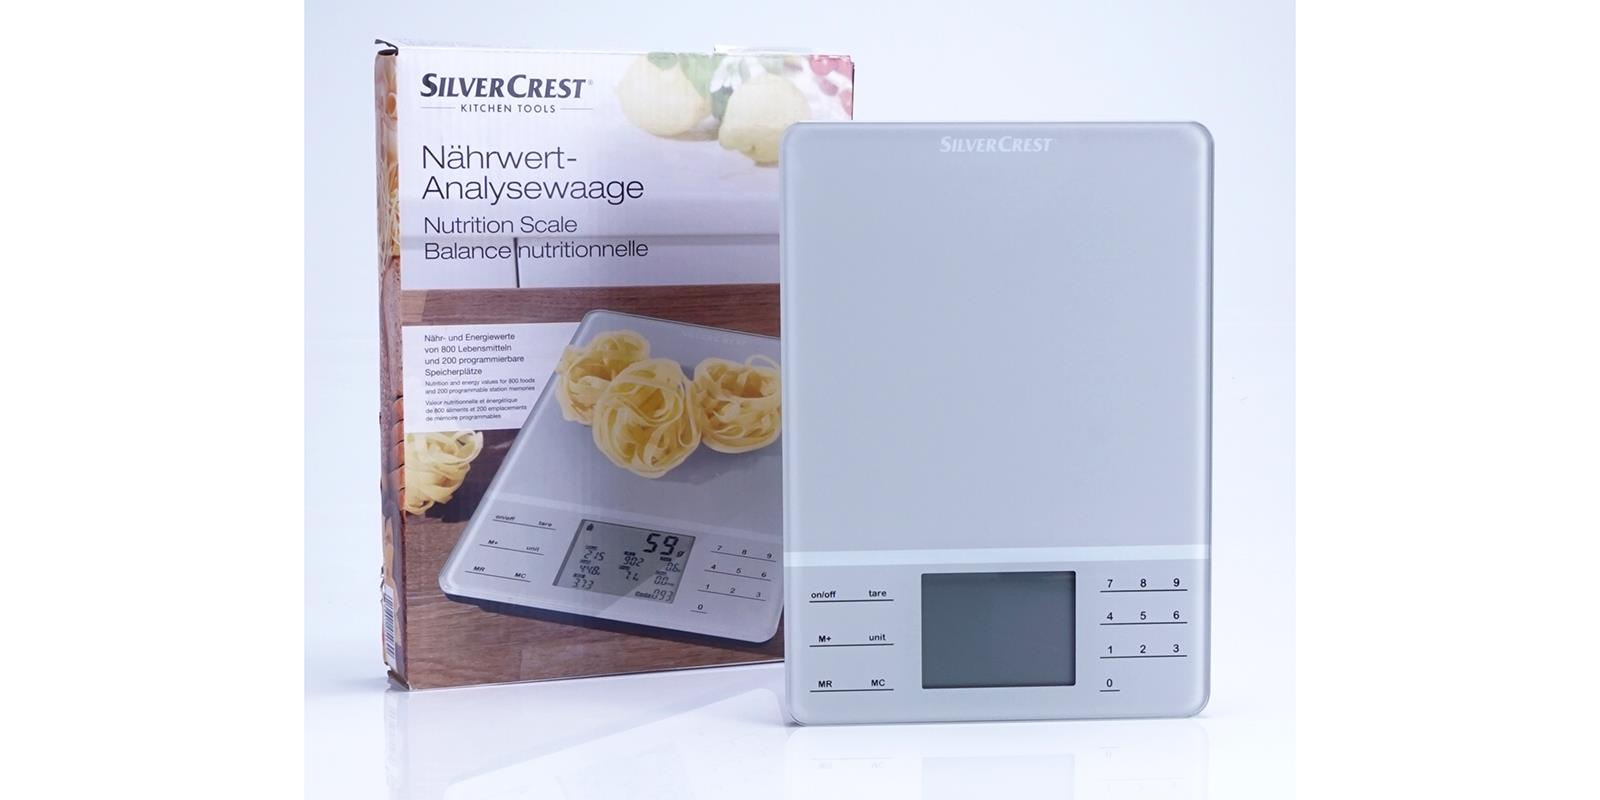 Silvercrest Nahrwert Analysewaage Snwd 1000 A1 Kuchenwaage Ebay